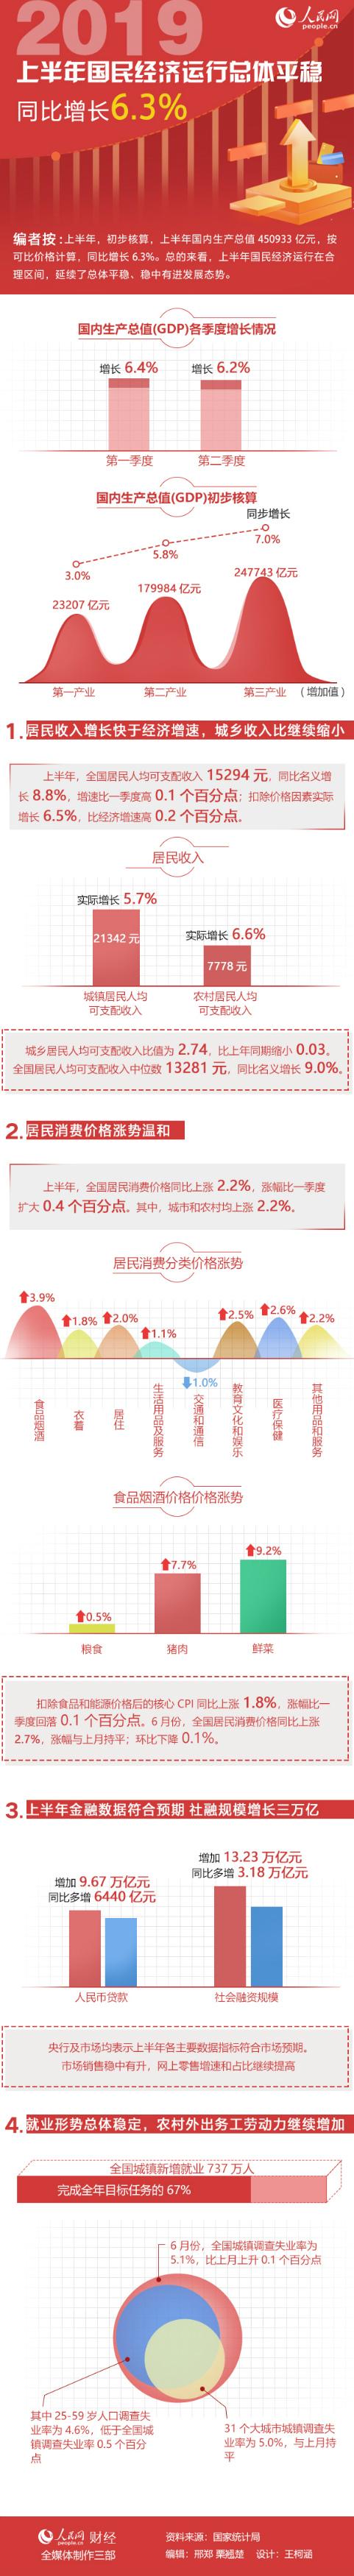 2019上半年国民经济运行总体平稳 同比增长6.3%。